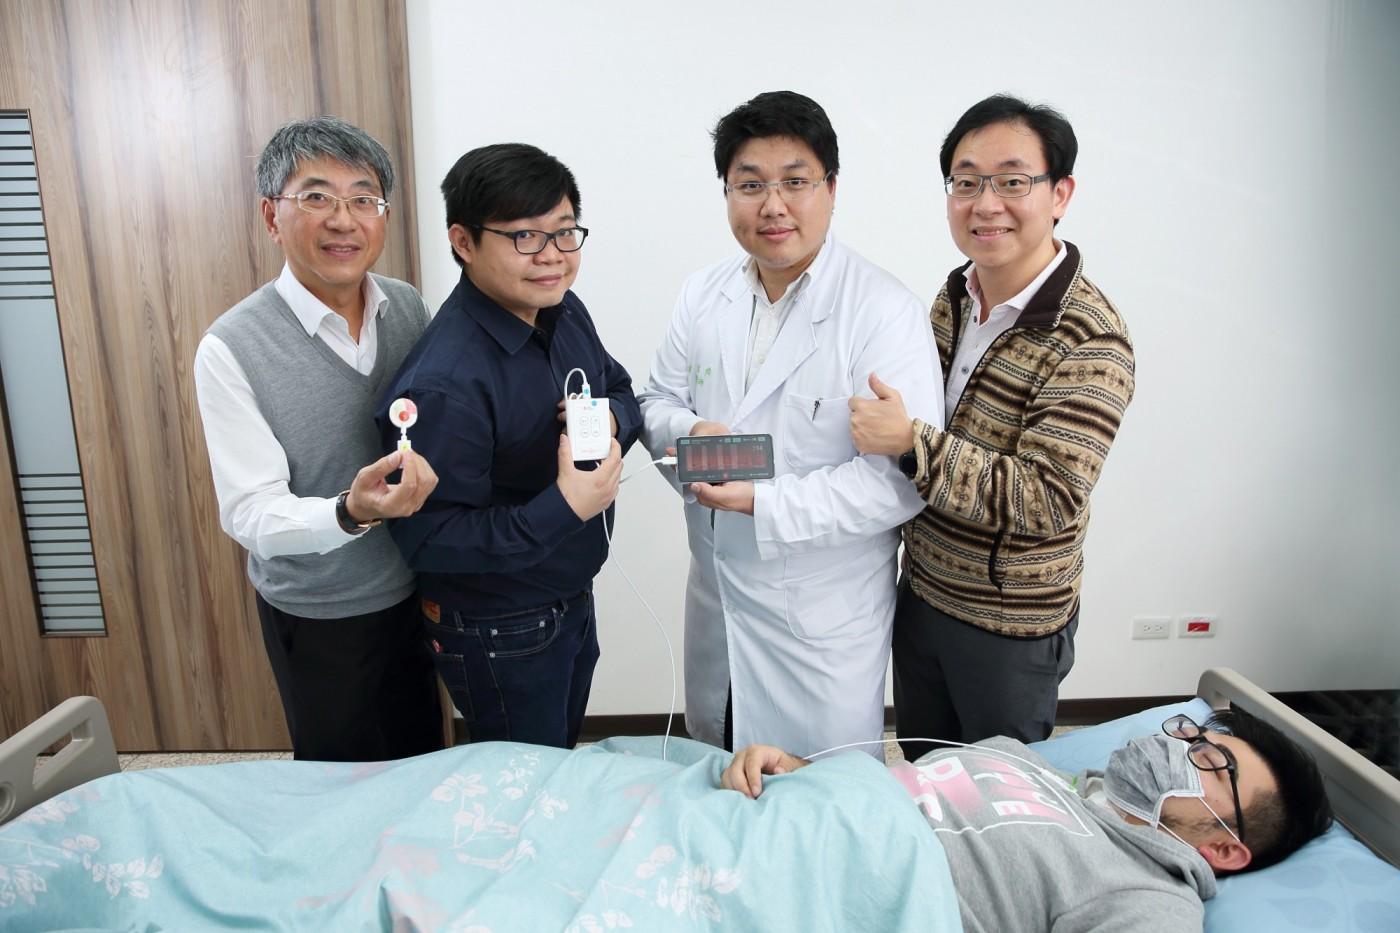 聿信醫療完成1.2億元A輪募資,訓練AI用「微聽診器」聽懂病人呼吸